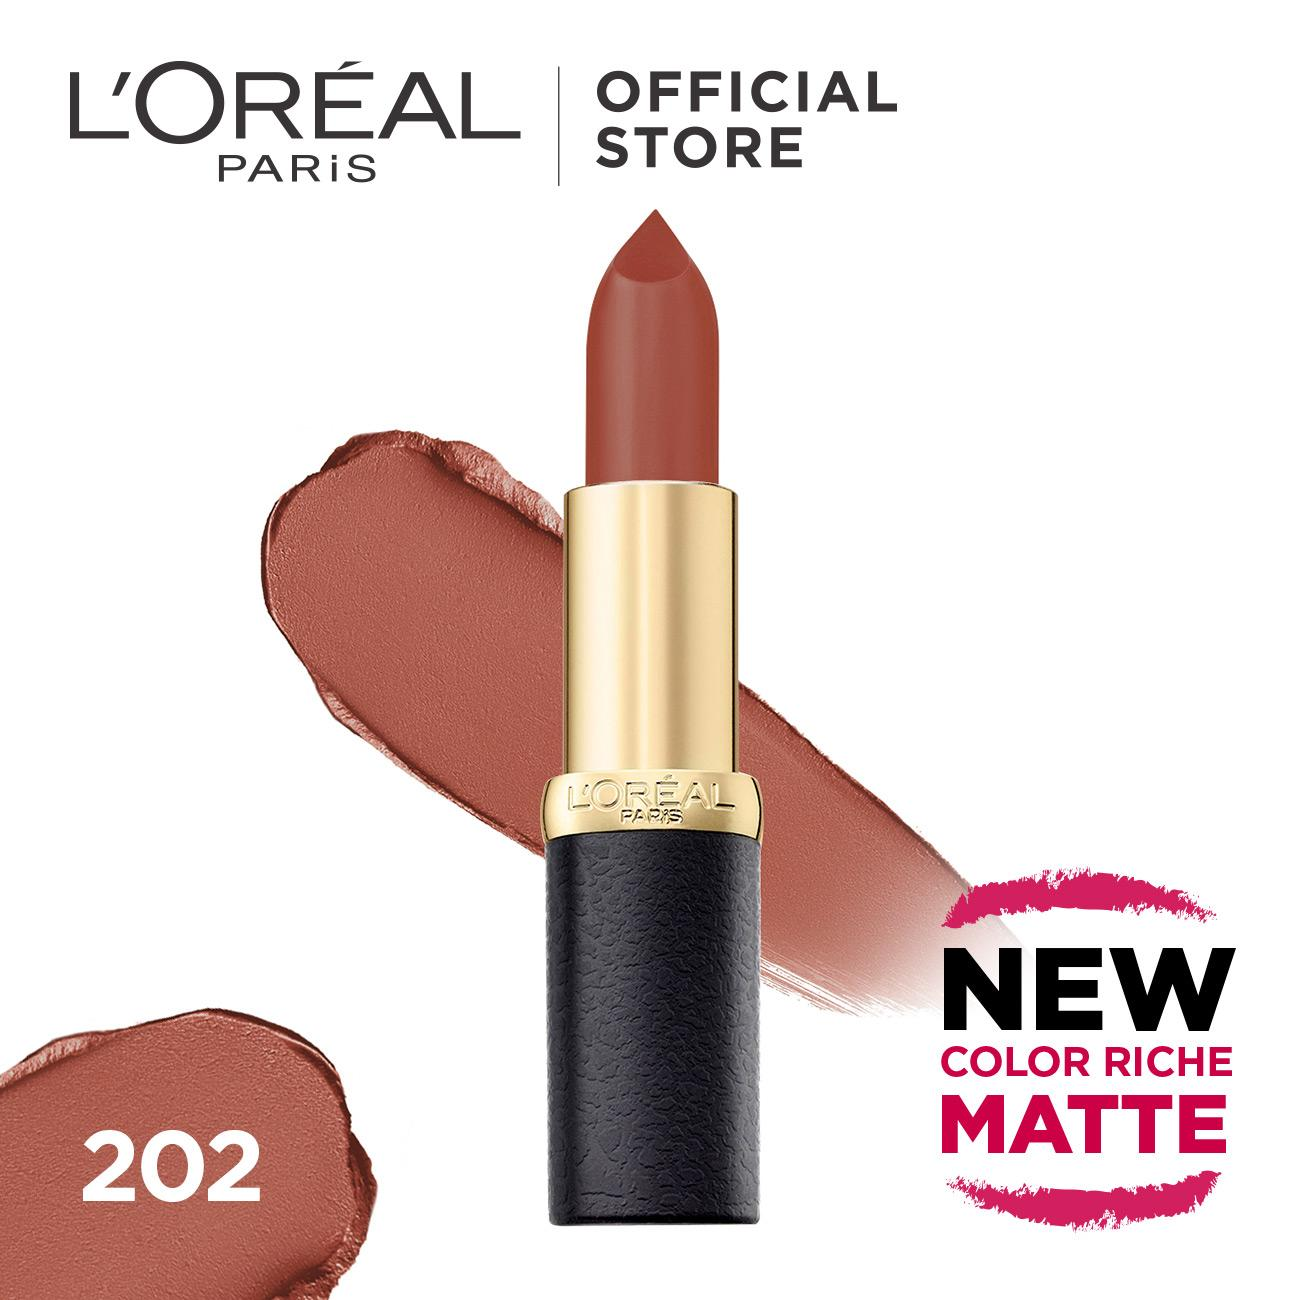 L'Oreal Paris Lipstik Matte Color Riche Matte